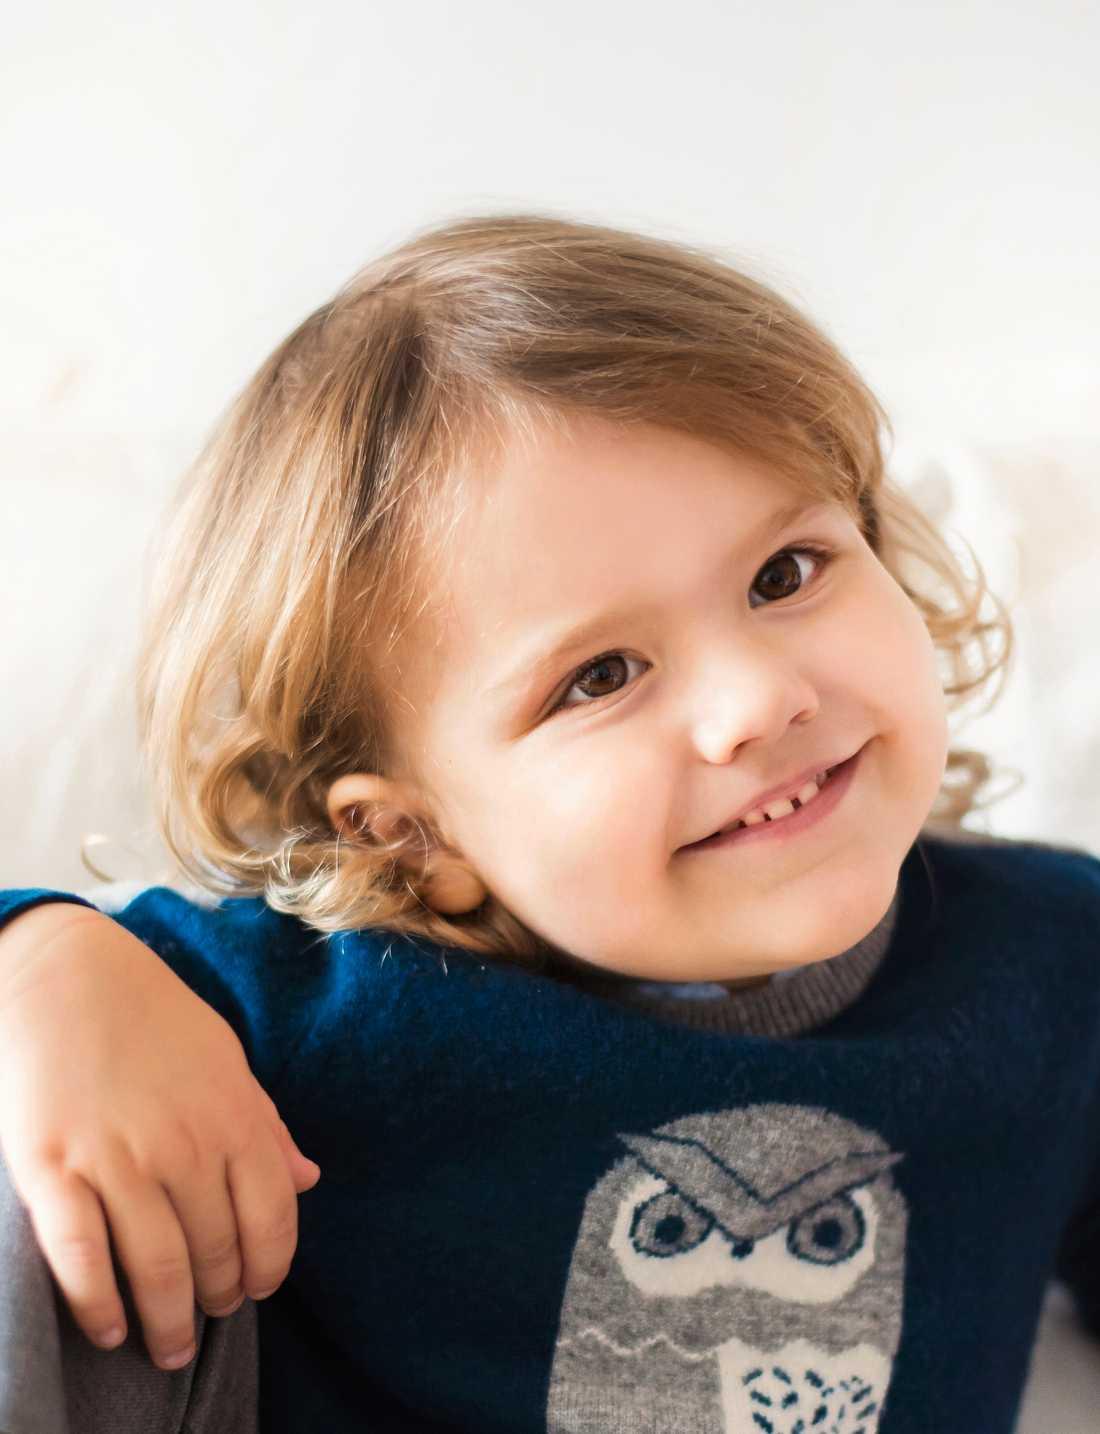 Prins Alexander, här tre år gammal, firar sin fyraårsdag utan den övriga kungafamiljen på plats.